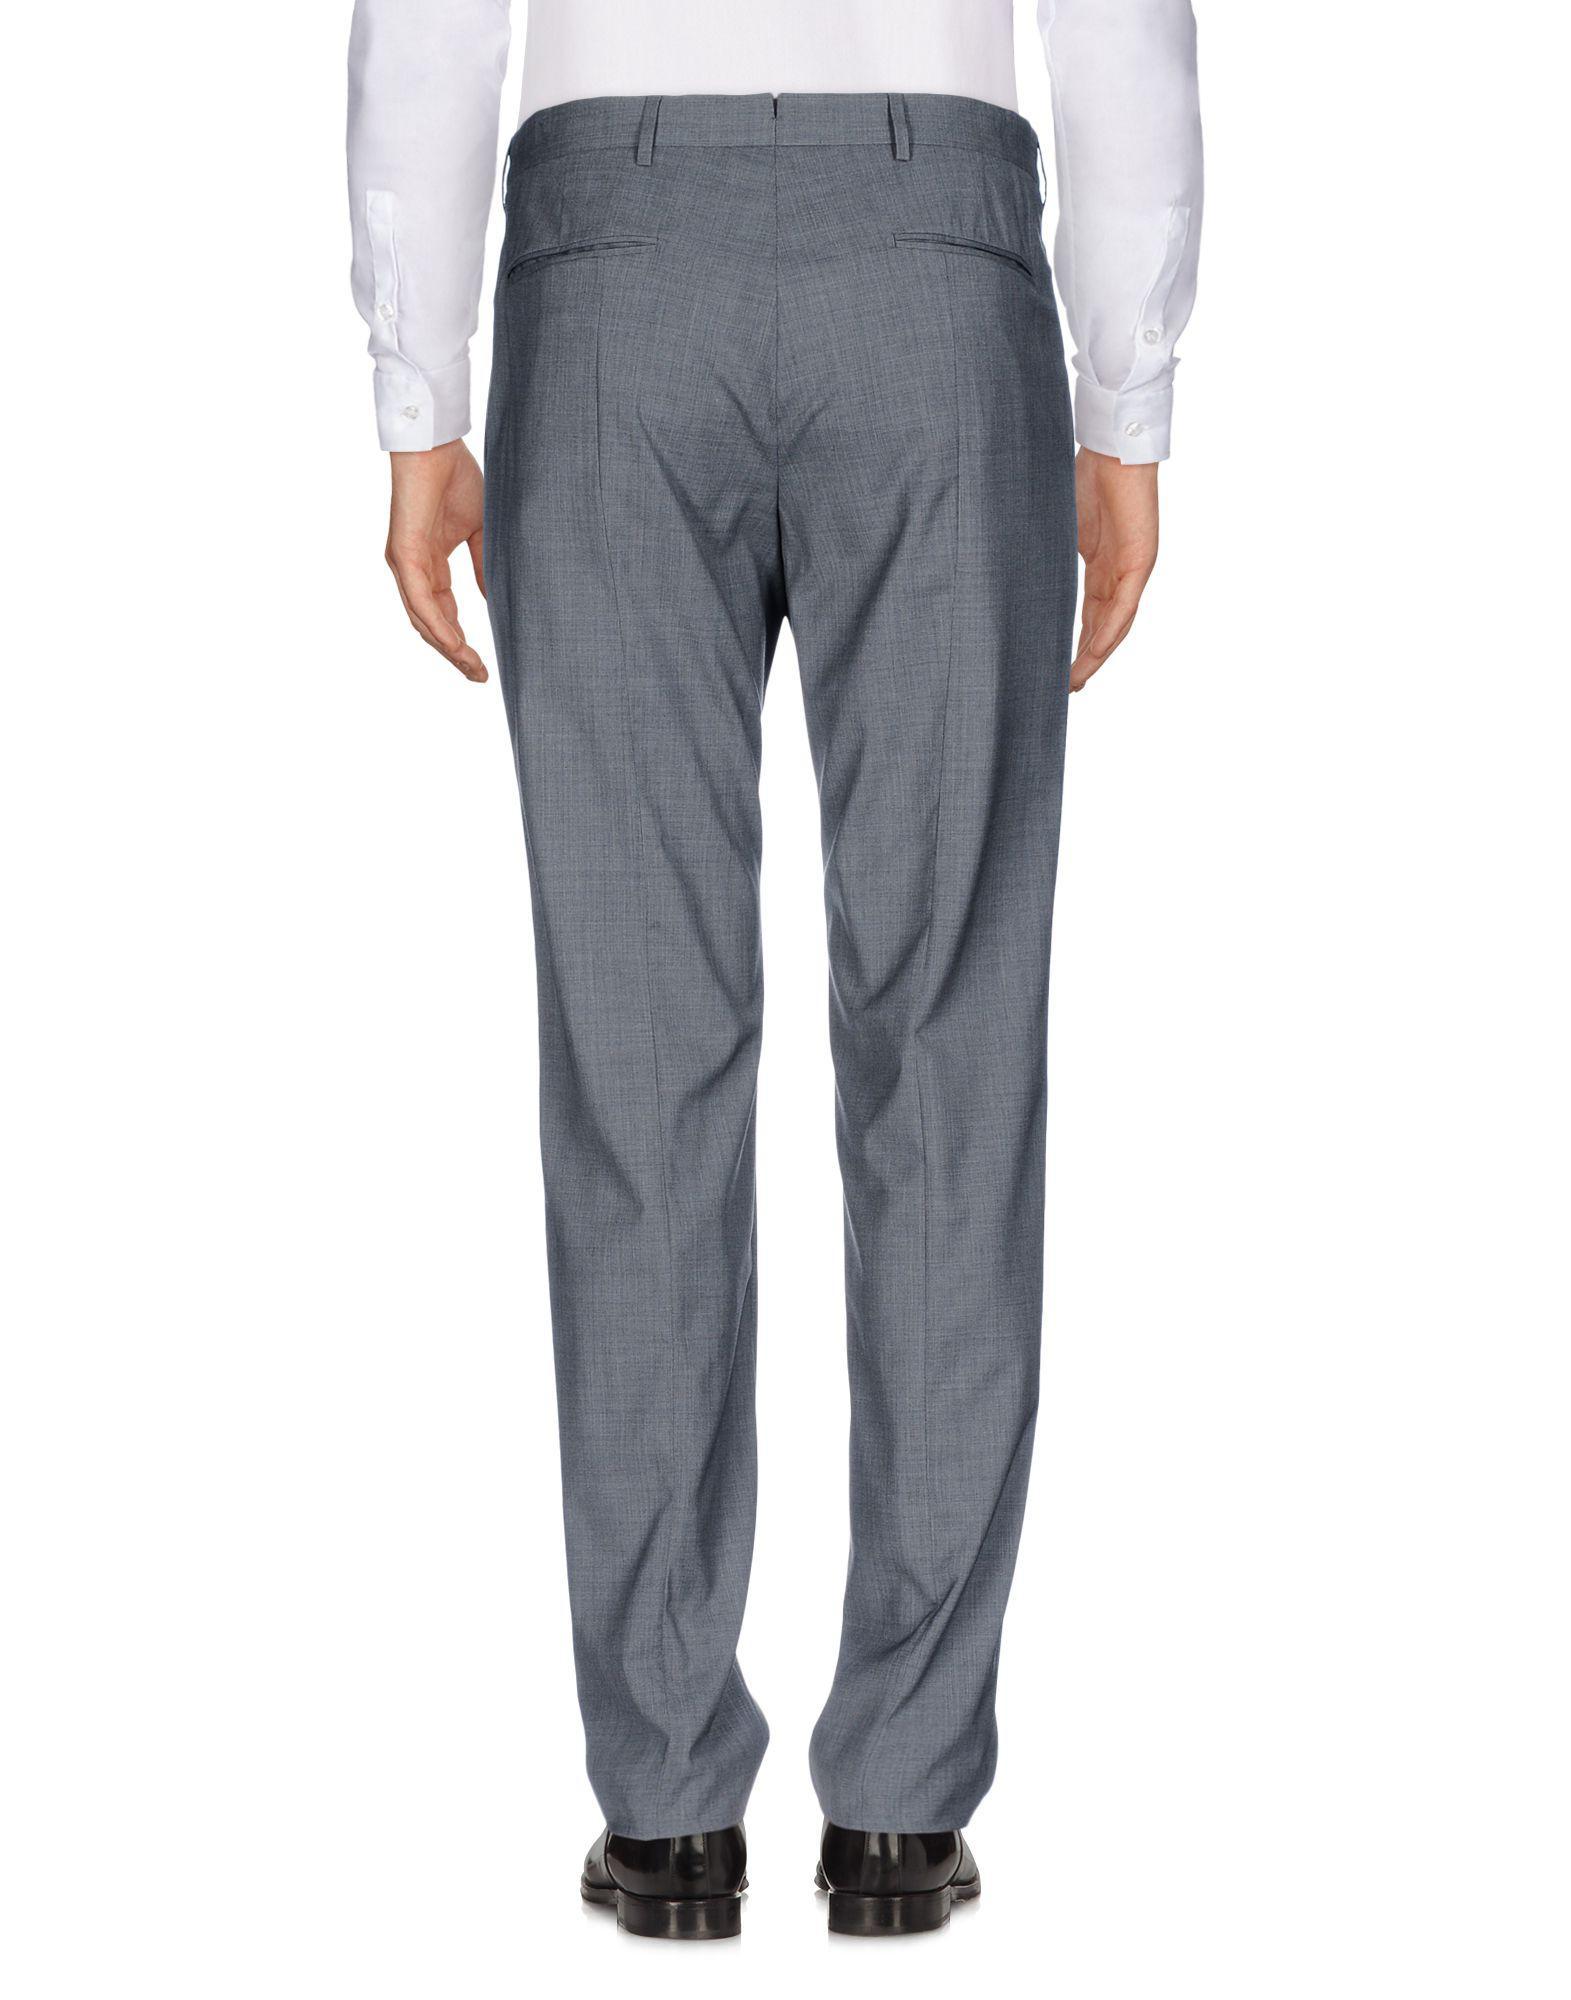 Prada Wool Casual Pants in Grey (Grey) for Men